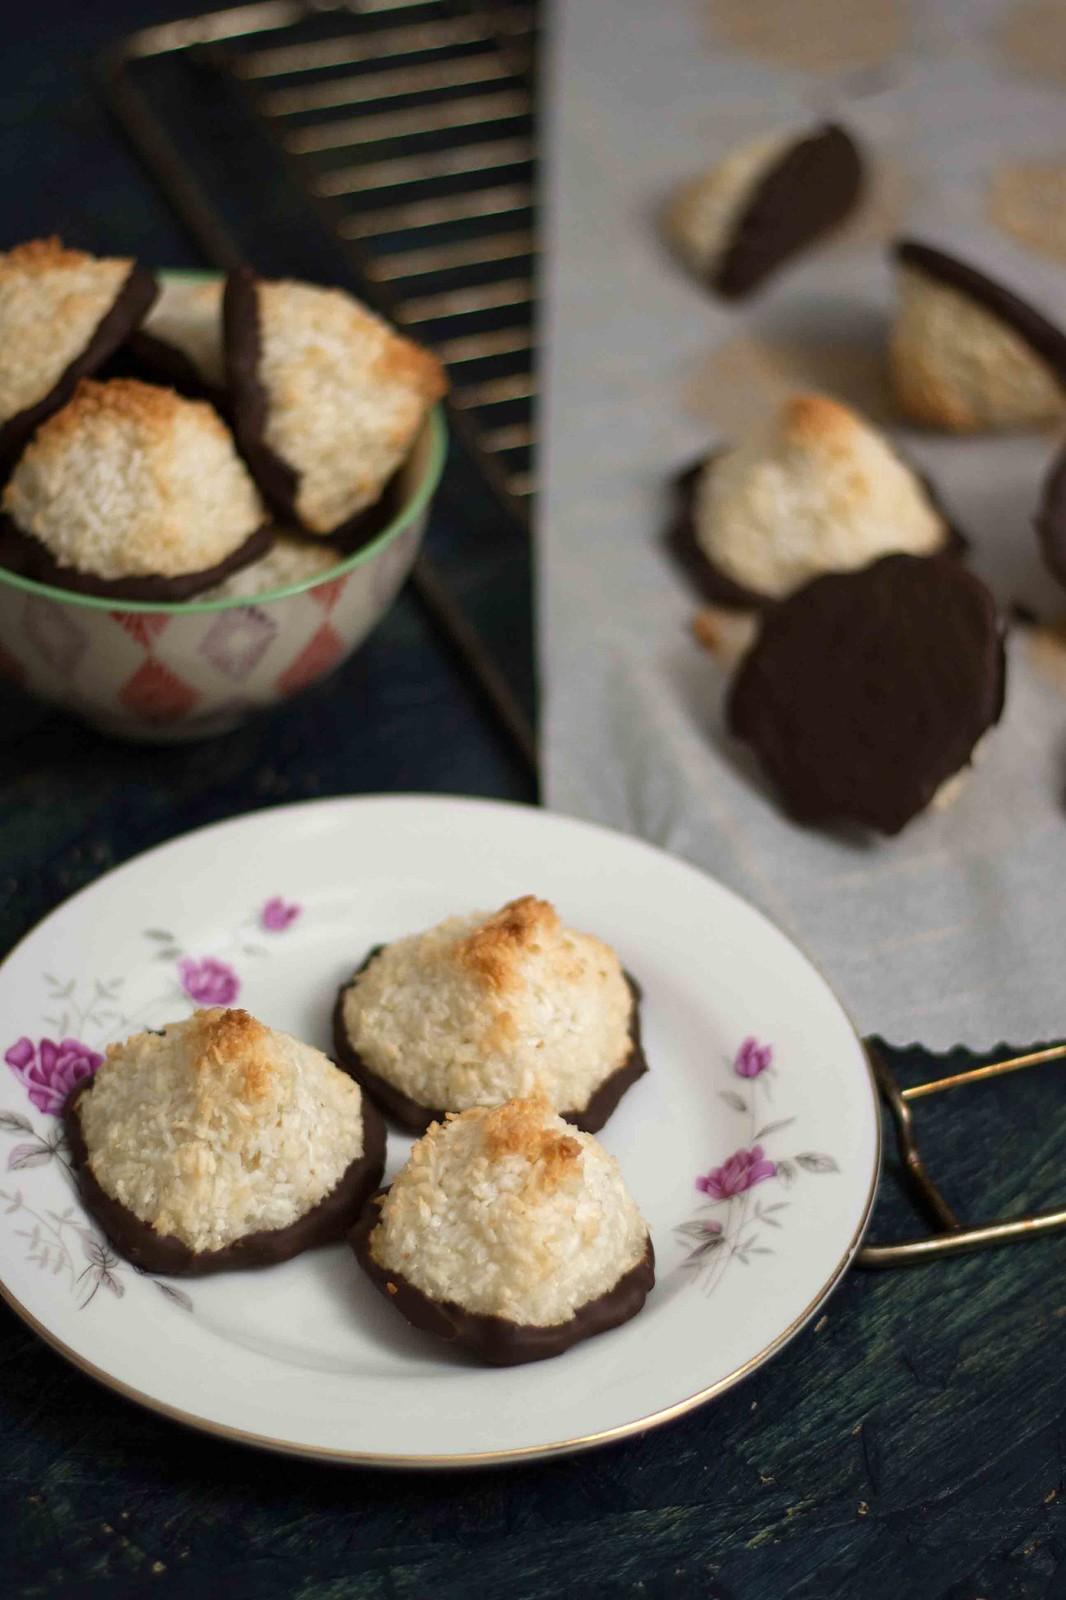 opskrift på Saftige kokosmakroner med marcipan og chokolade